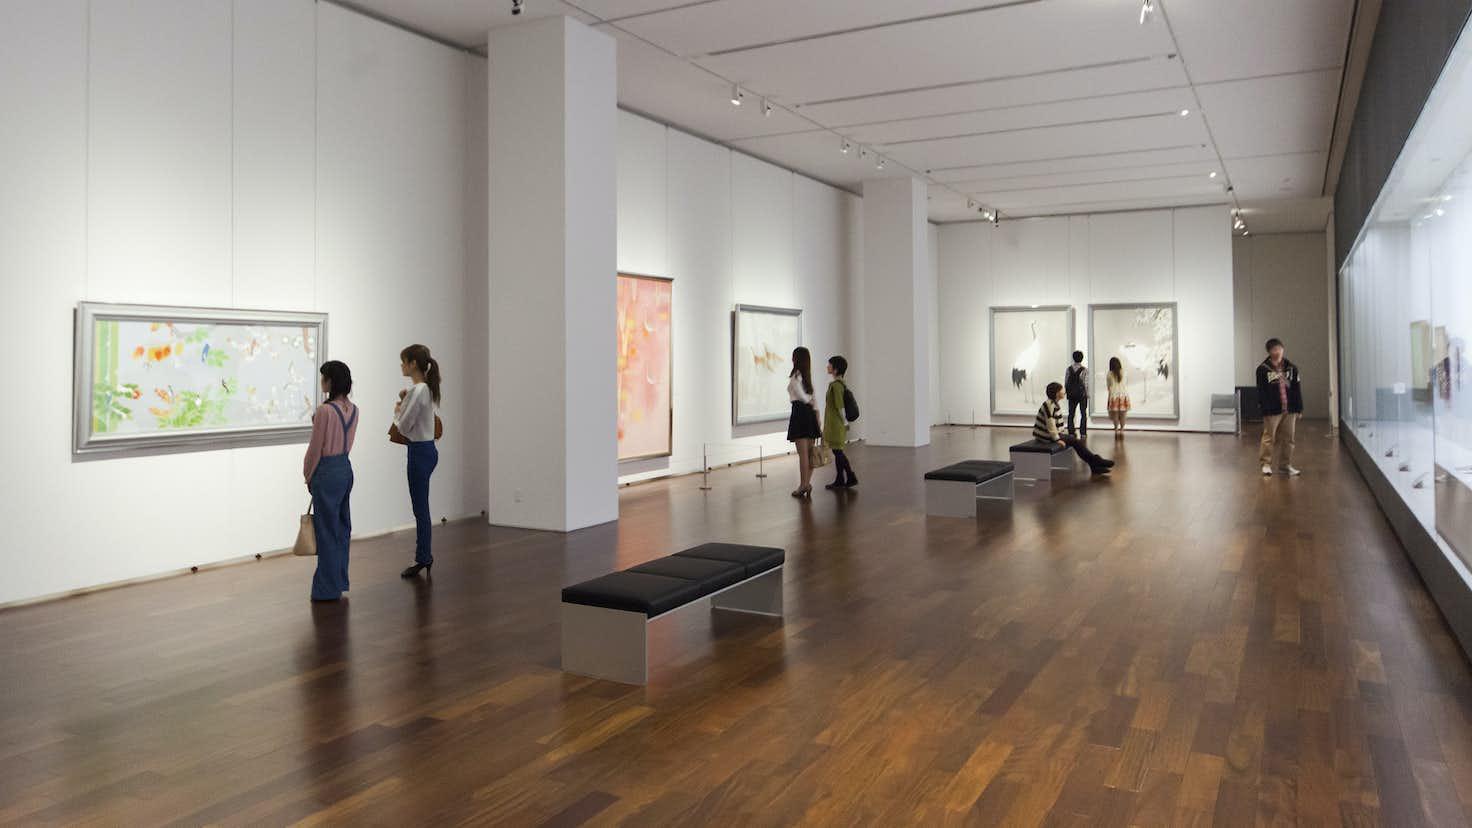 美術館 あべの ハルカス あべのハルカス美術館で「北斎」展 大英博物館との共同プロジェクト